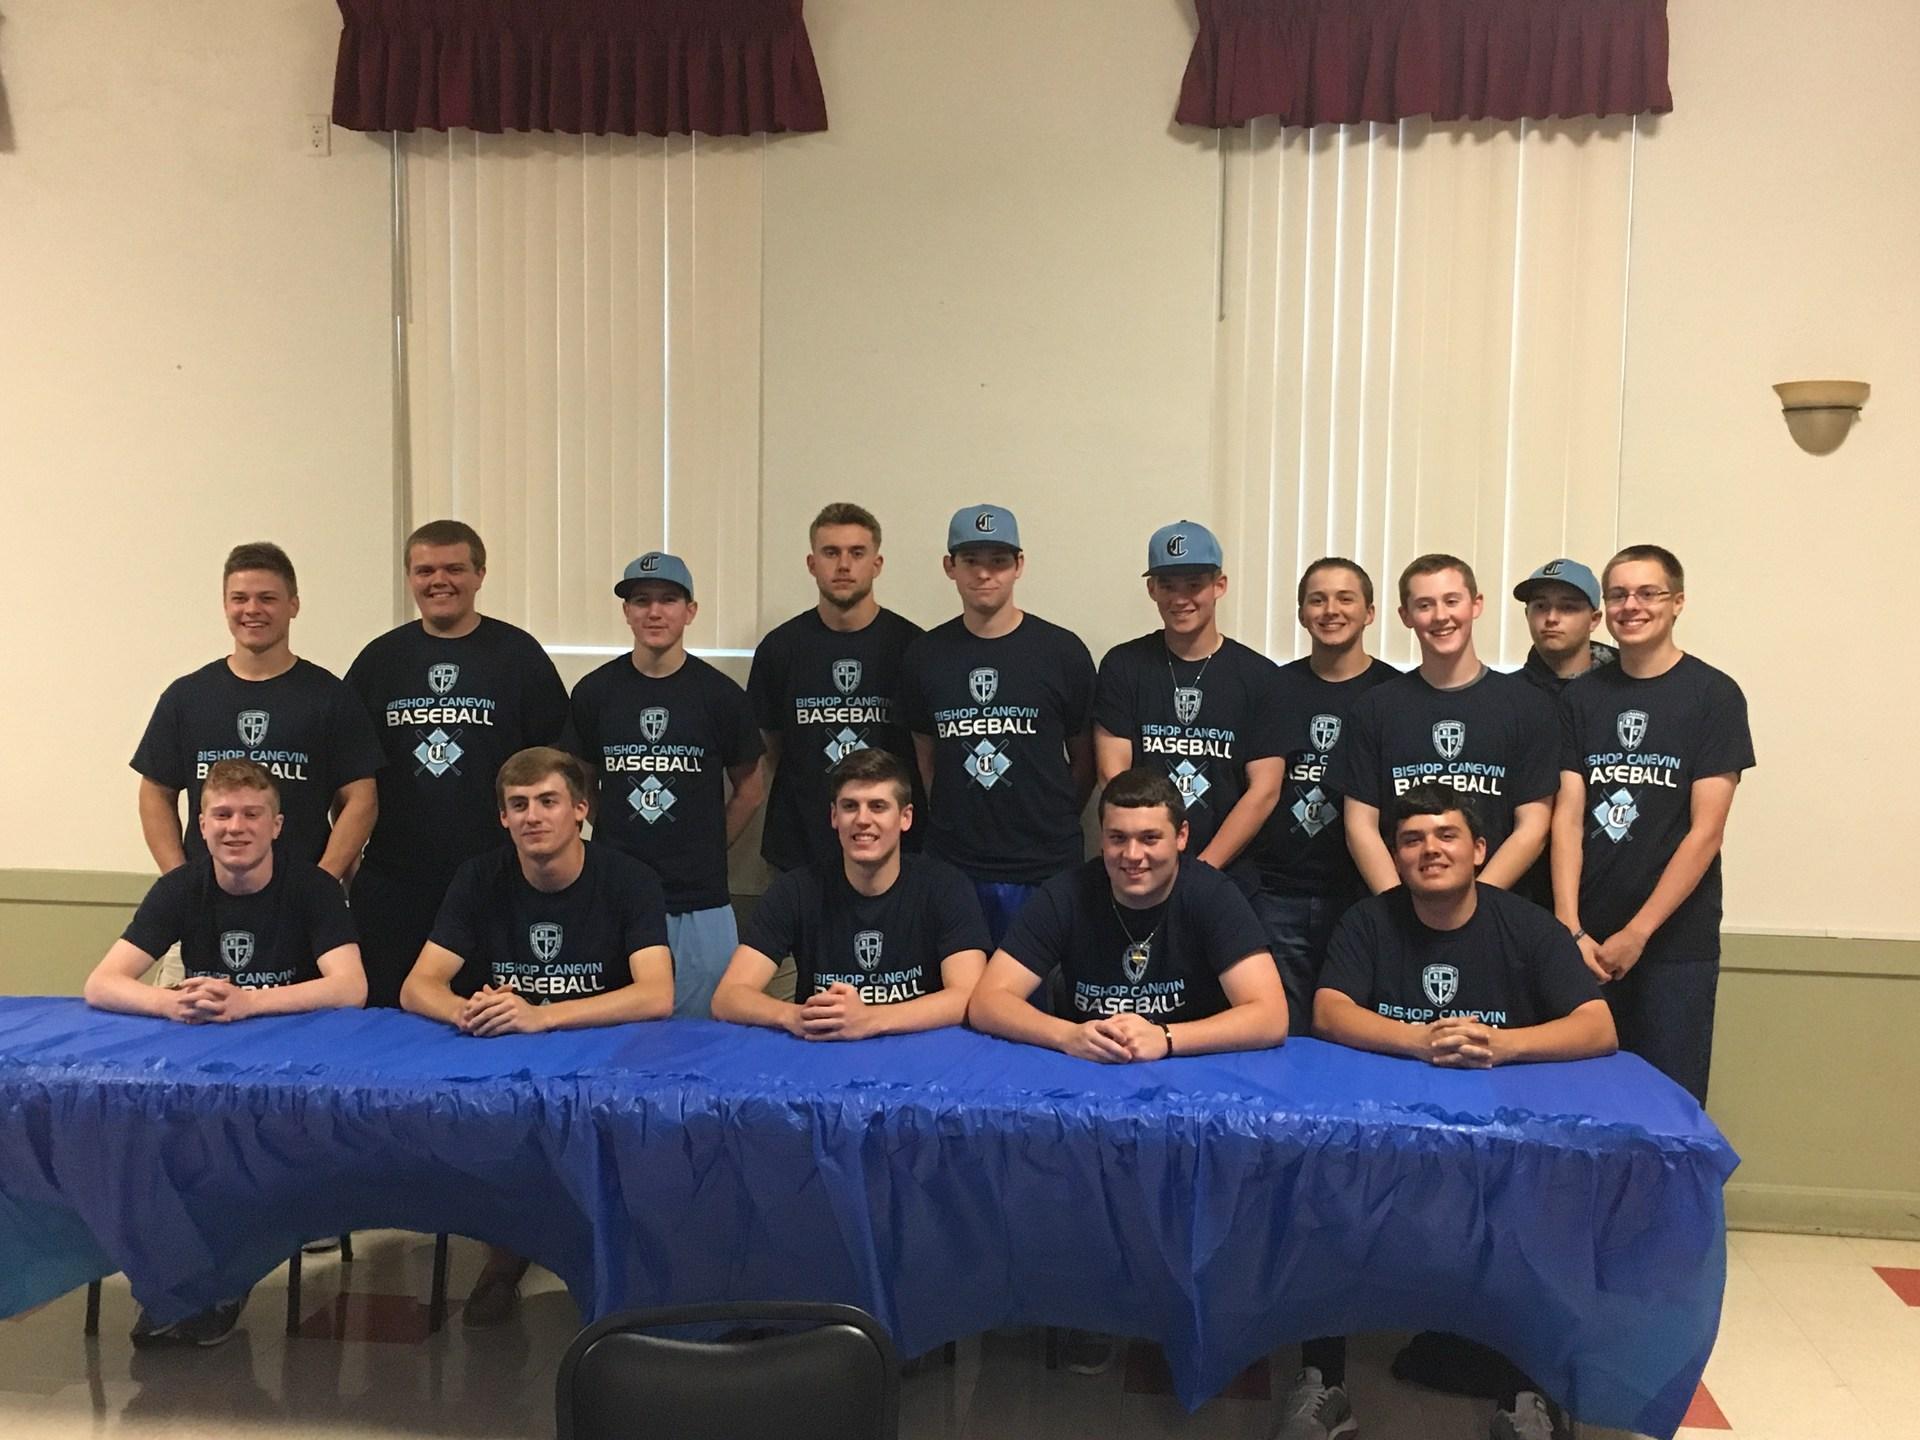 Canevin Baseball at Banquet '17